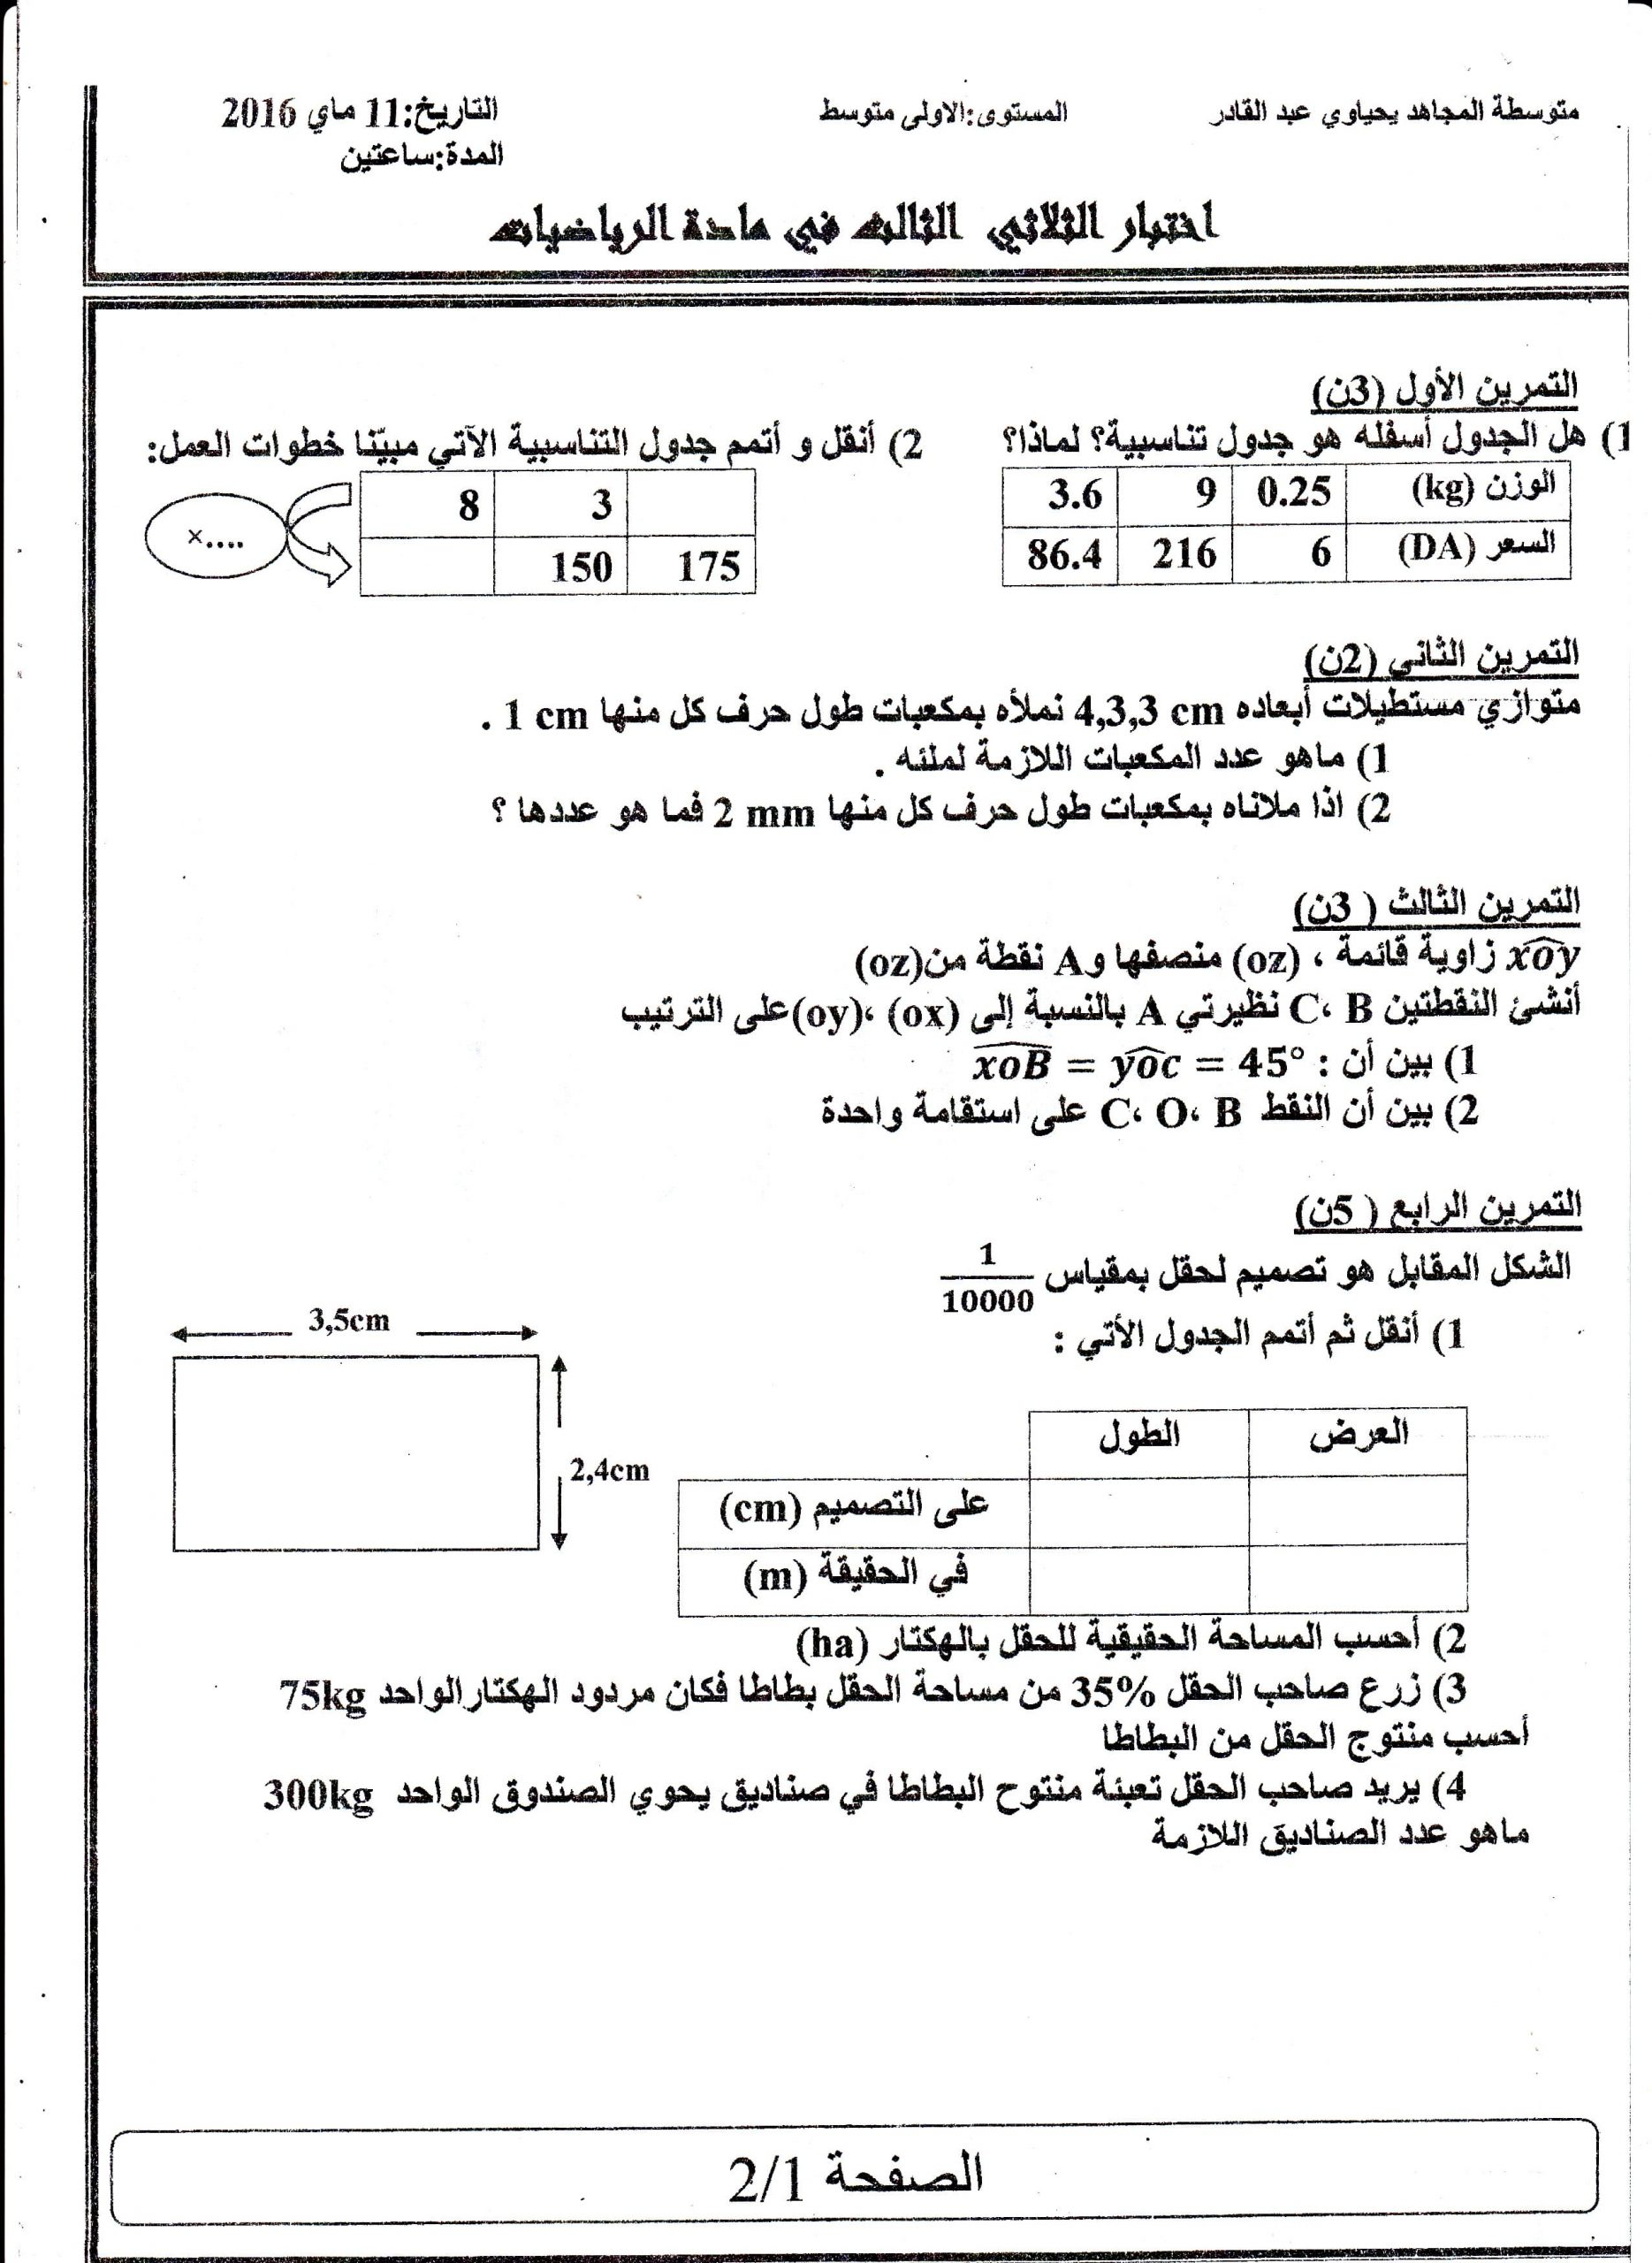 اختبار الفصل الثالث في مادة الرياضيات للسنة الثانية متوسط - الموضوع 04